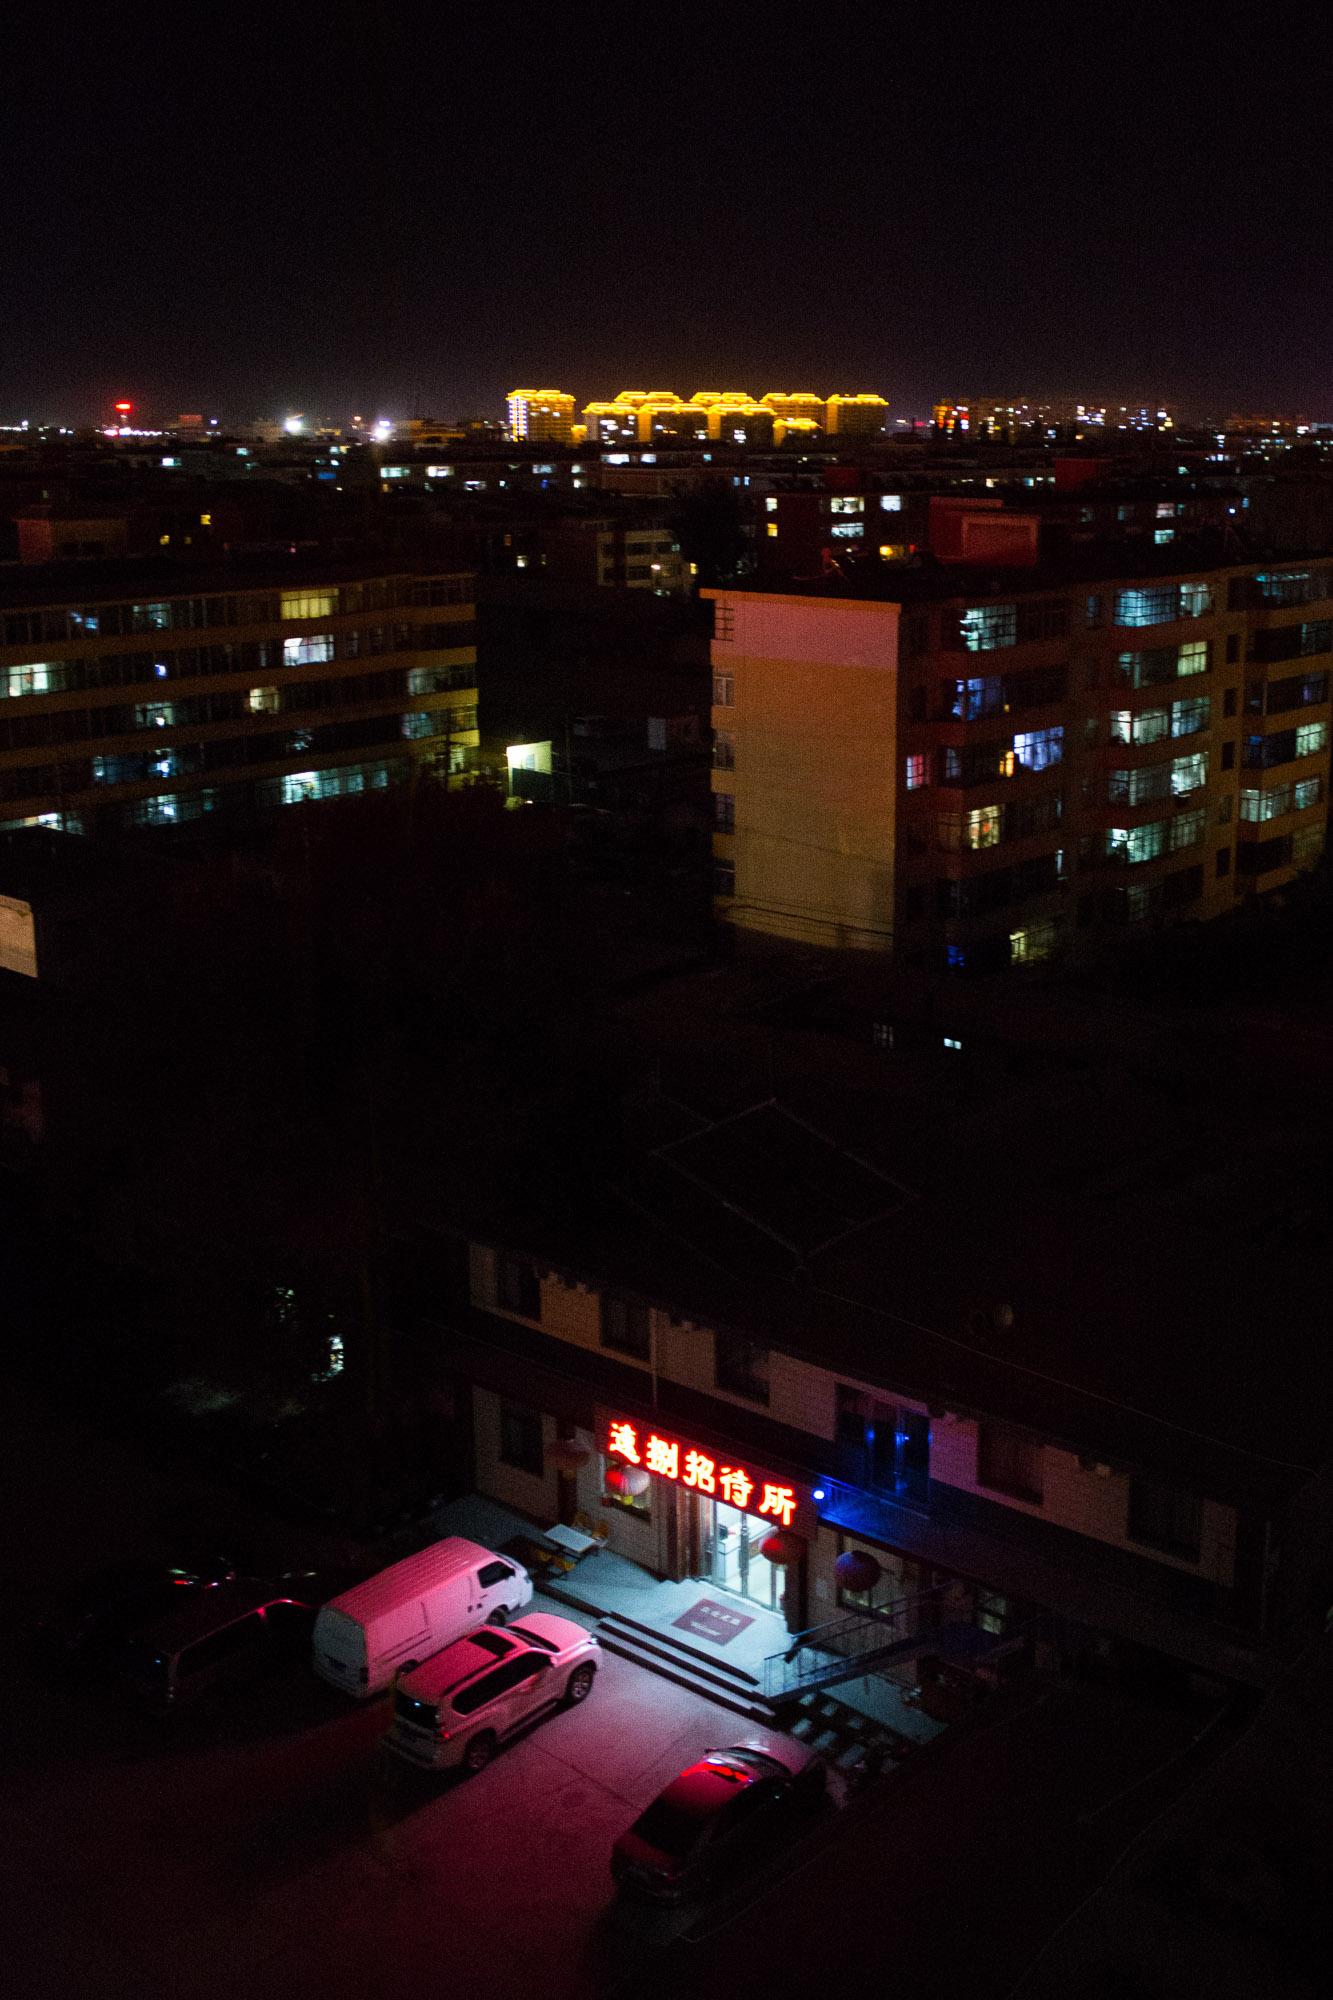 Réalisation de reportage photo documentaire en Asie